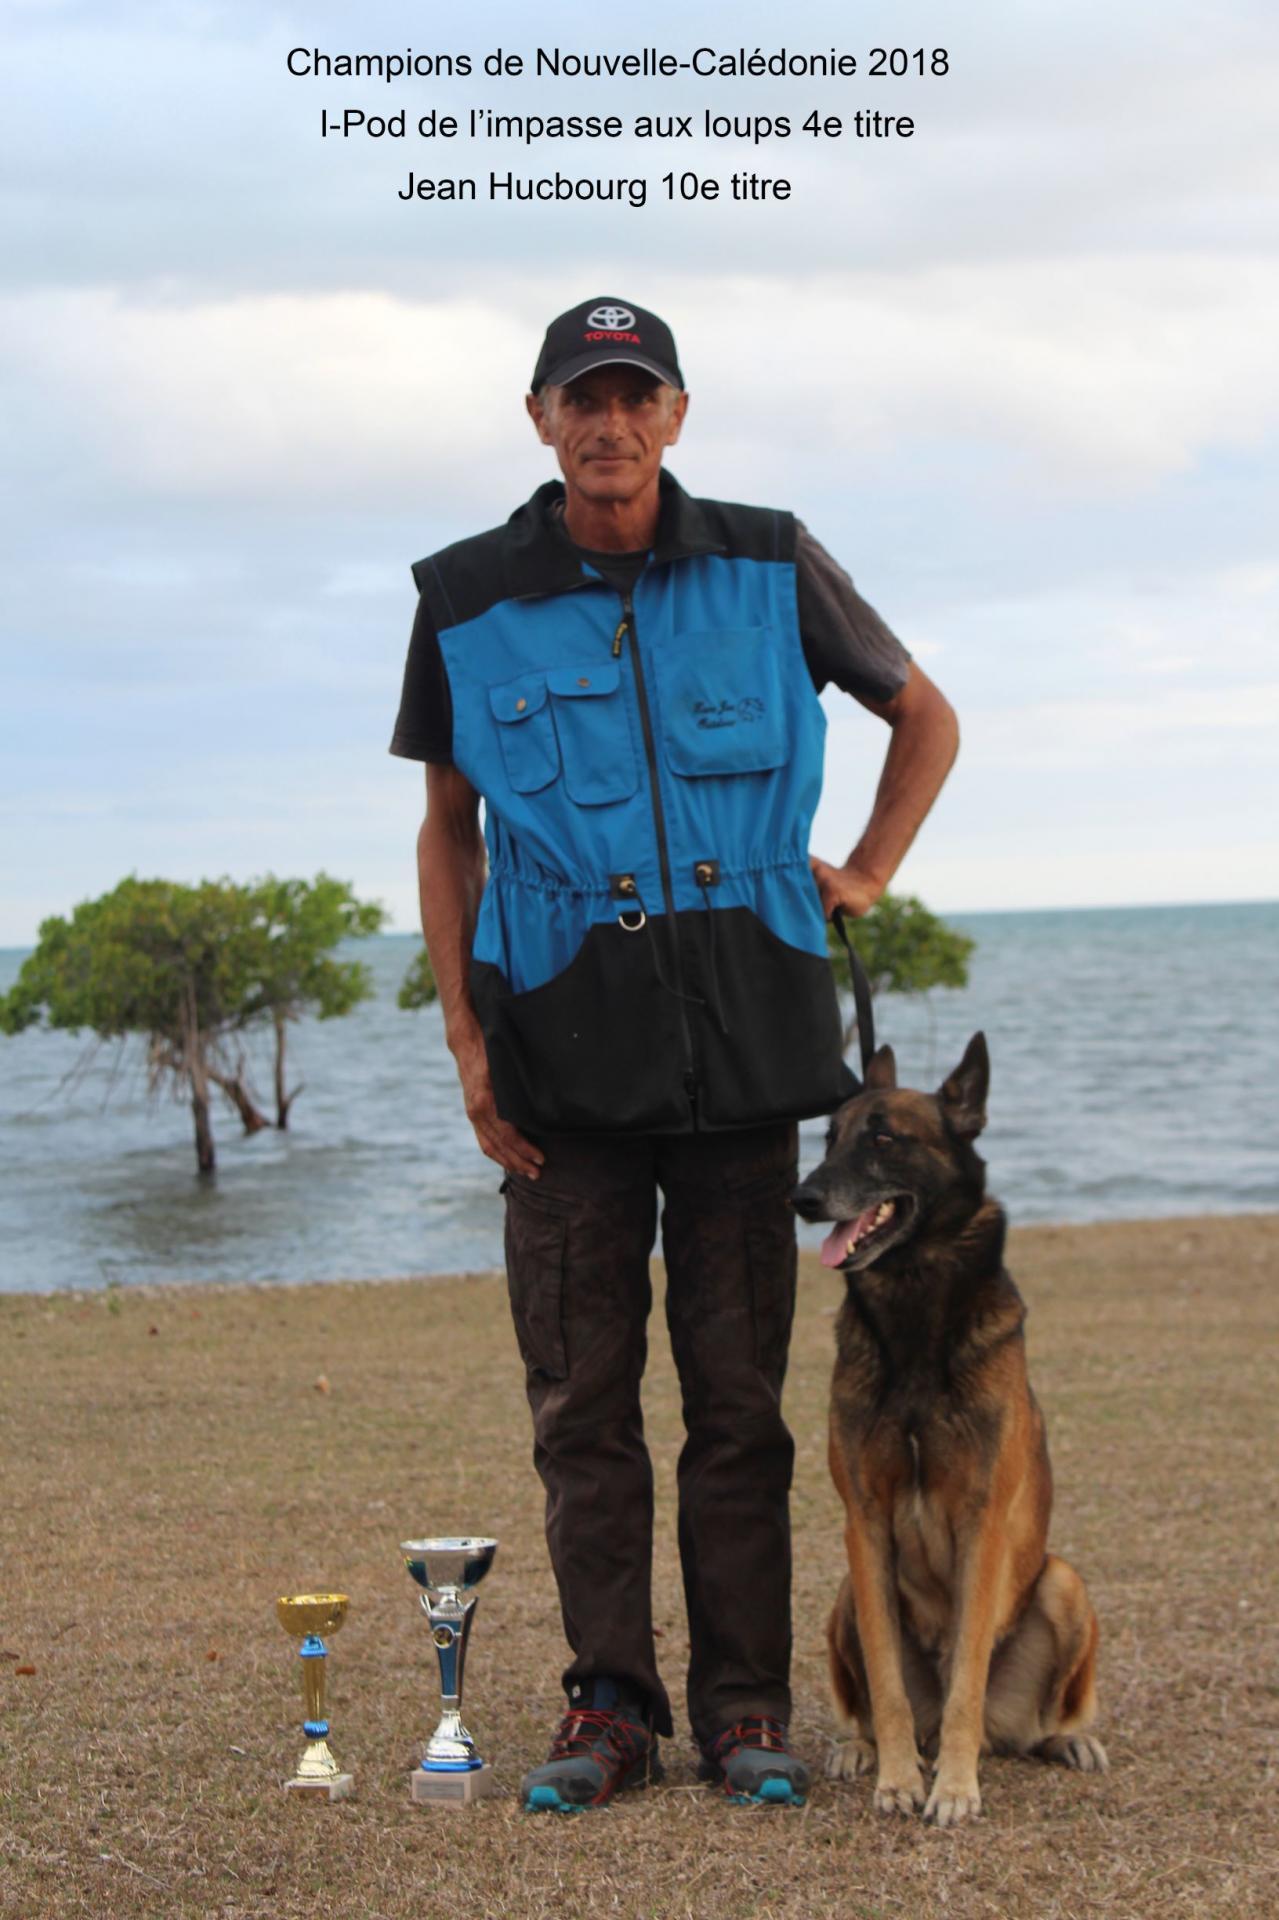 Jean Hucbourg et IPod de l'impasse aux loups - Champions de Nouvelle Calédonie 2018 RING 2